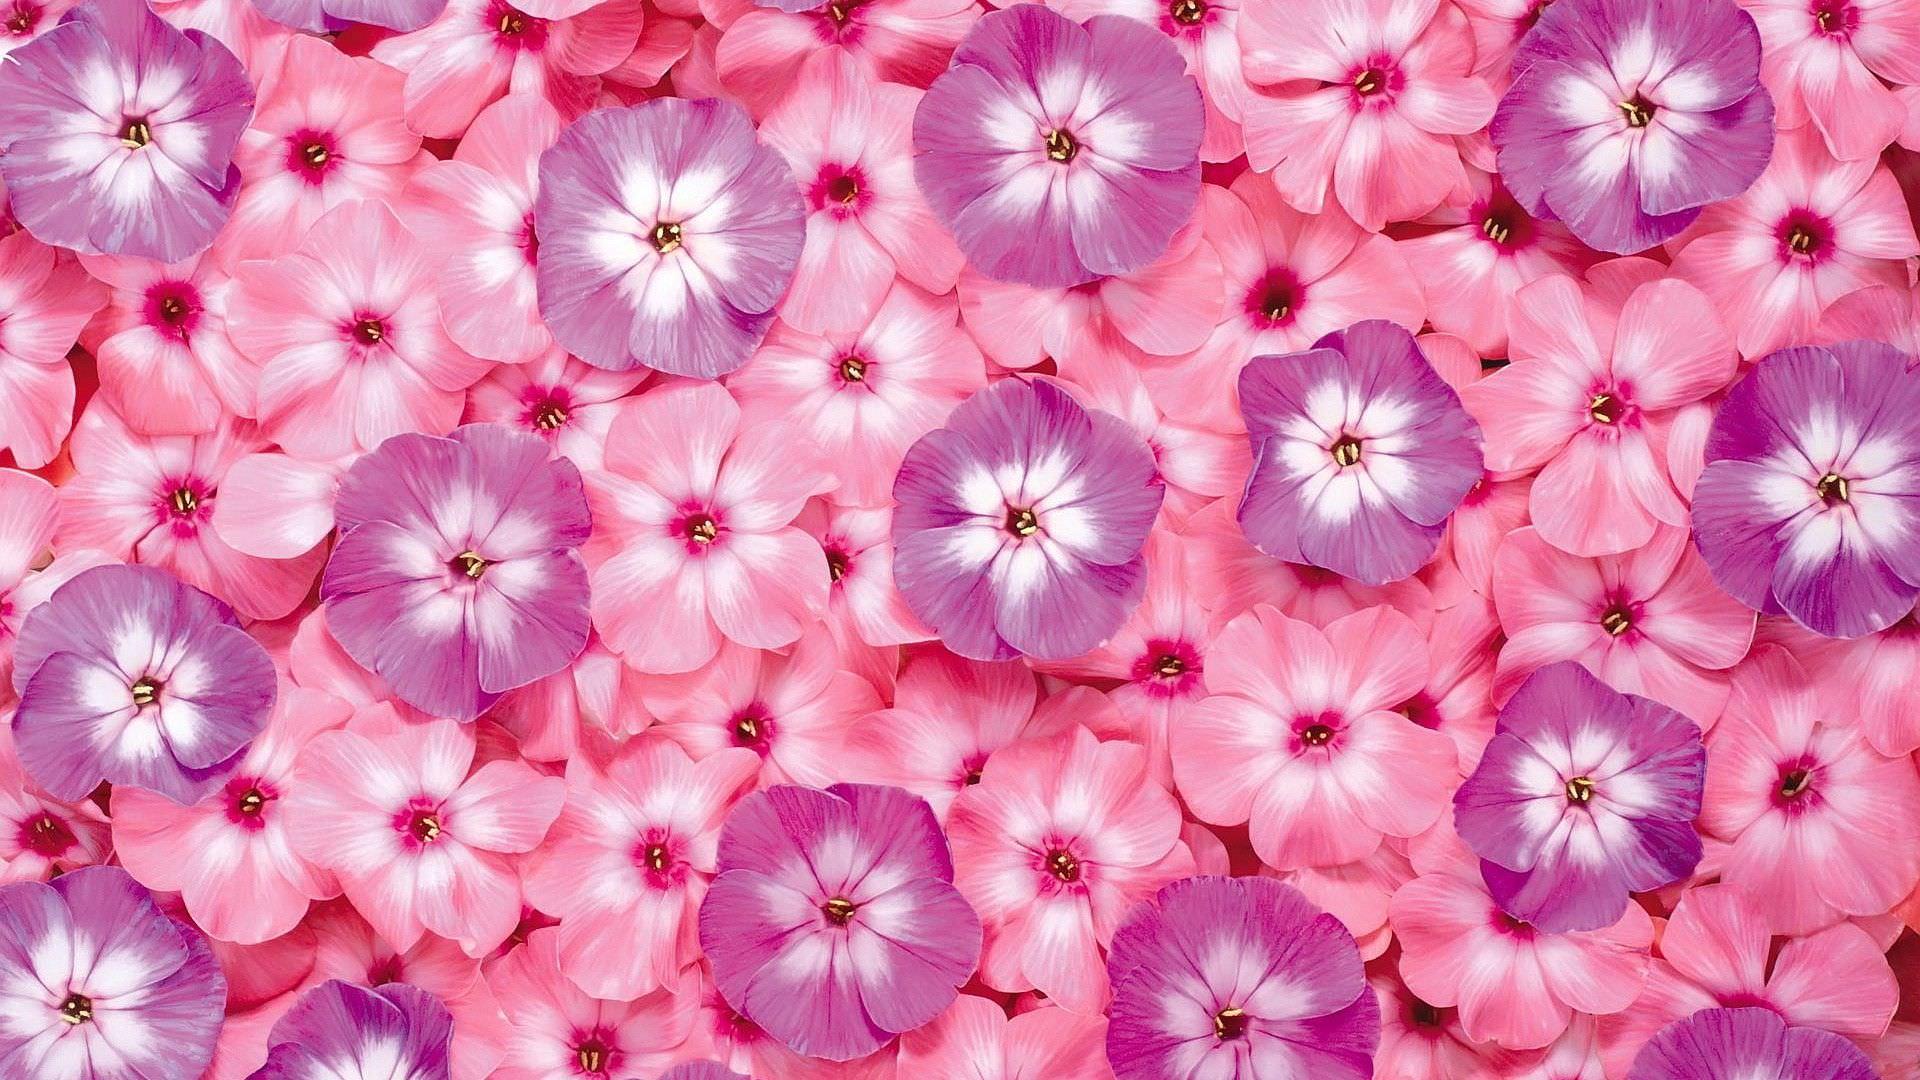 Pink HD Flower Wallpaper